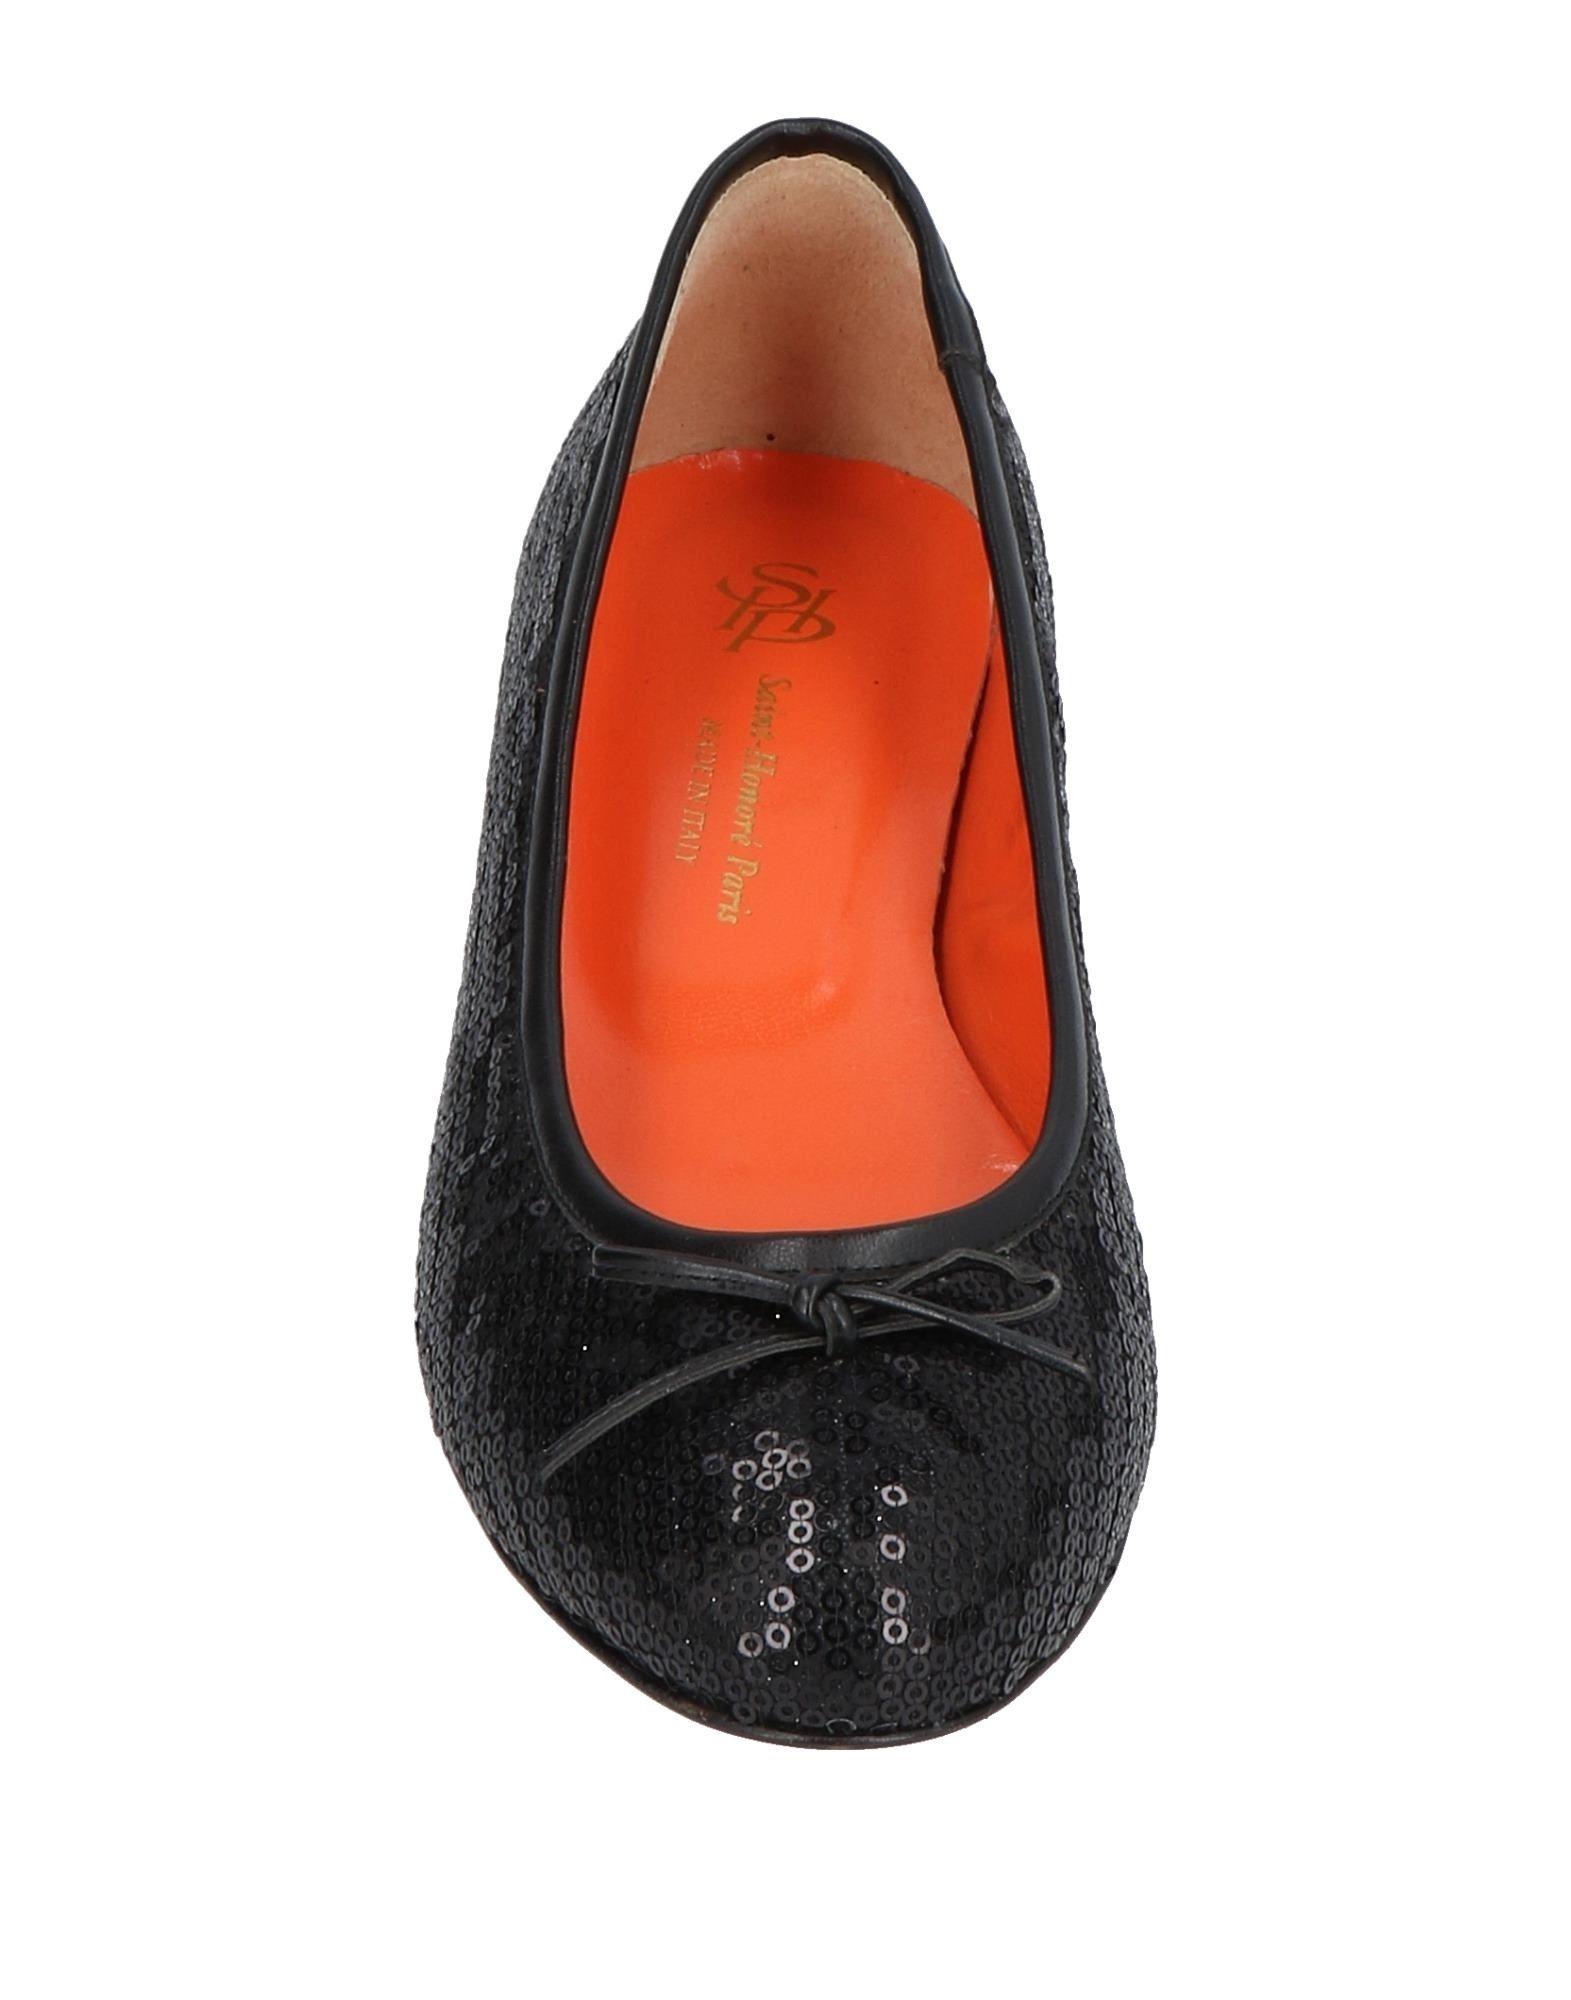 Saint 11431811GK Gute Qualität beliebte beliebte Qualität Schuhe b5bb54